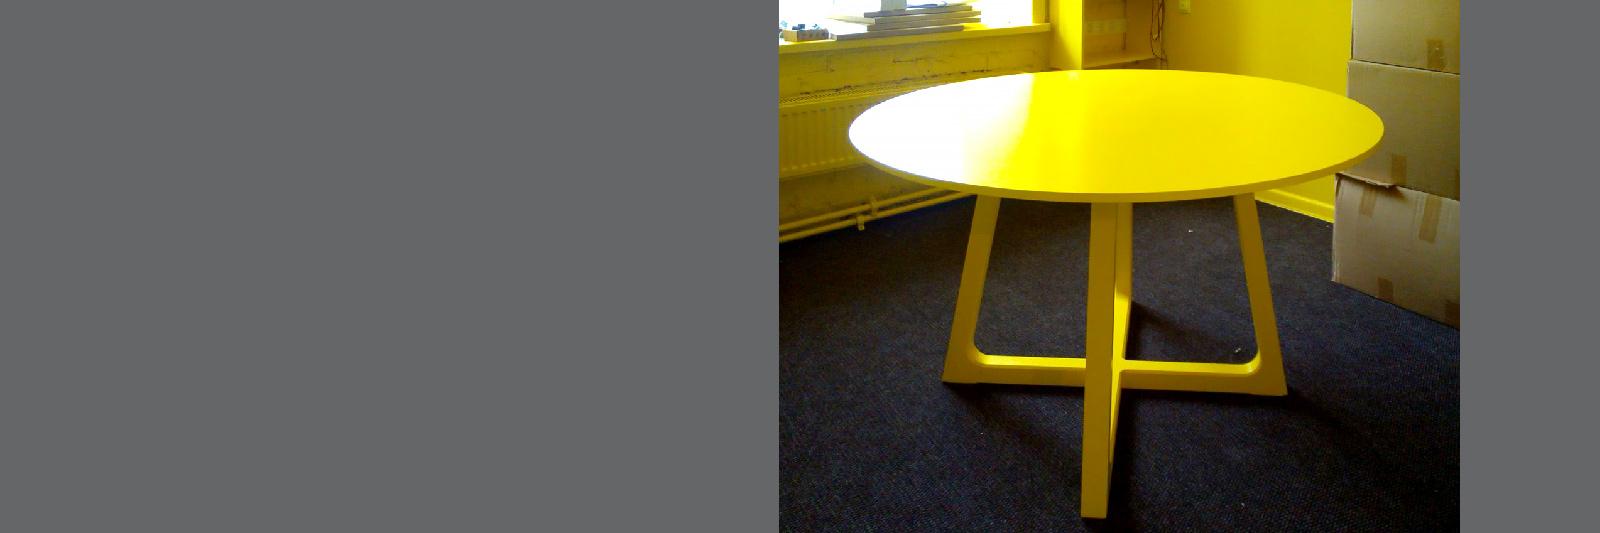 Круглый стол для переговоров по индивидуальному заказу